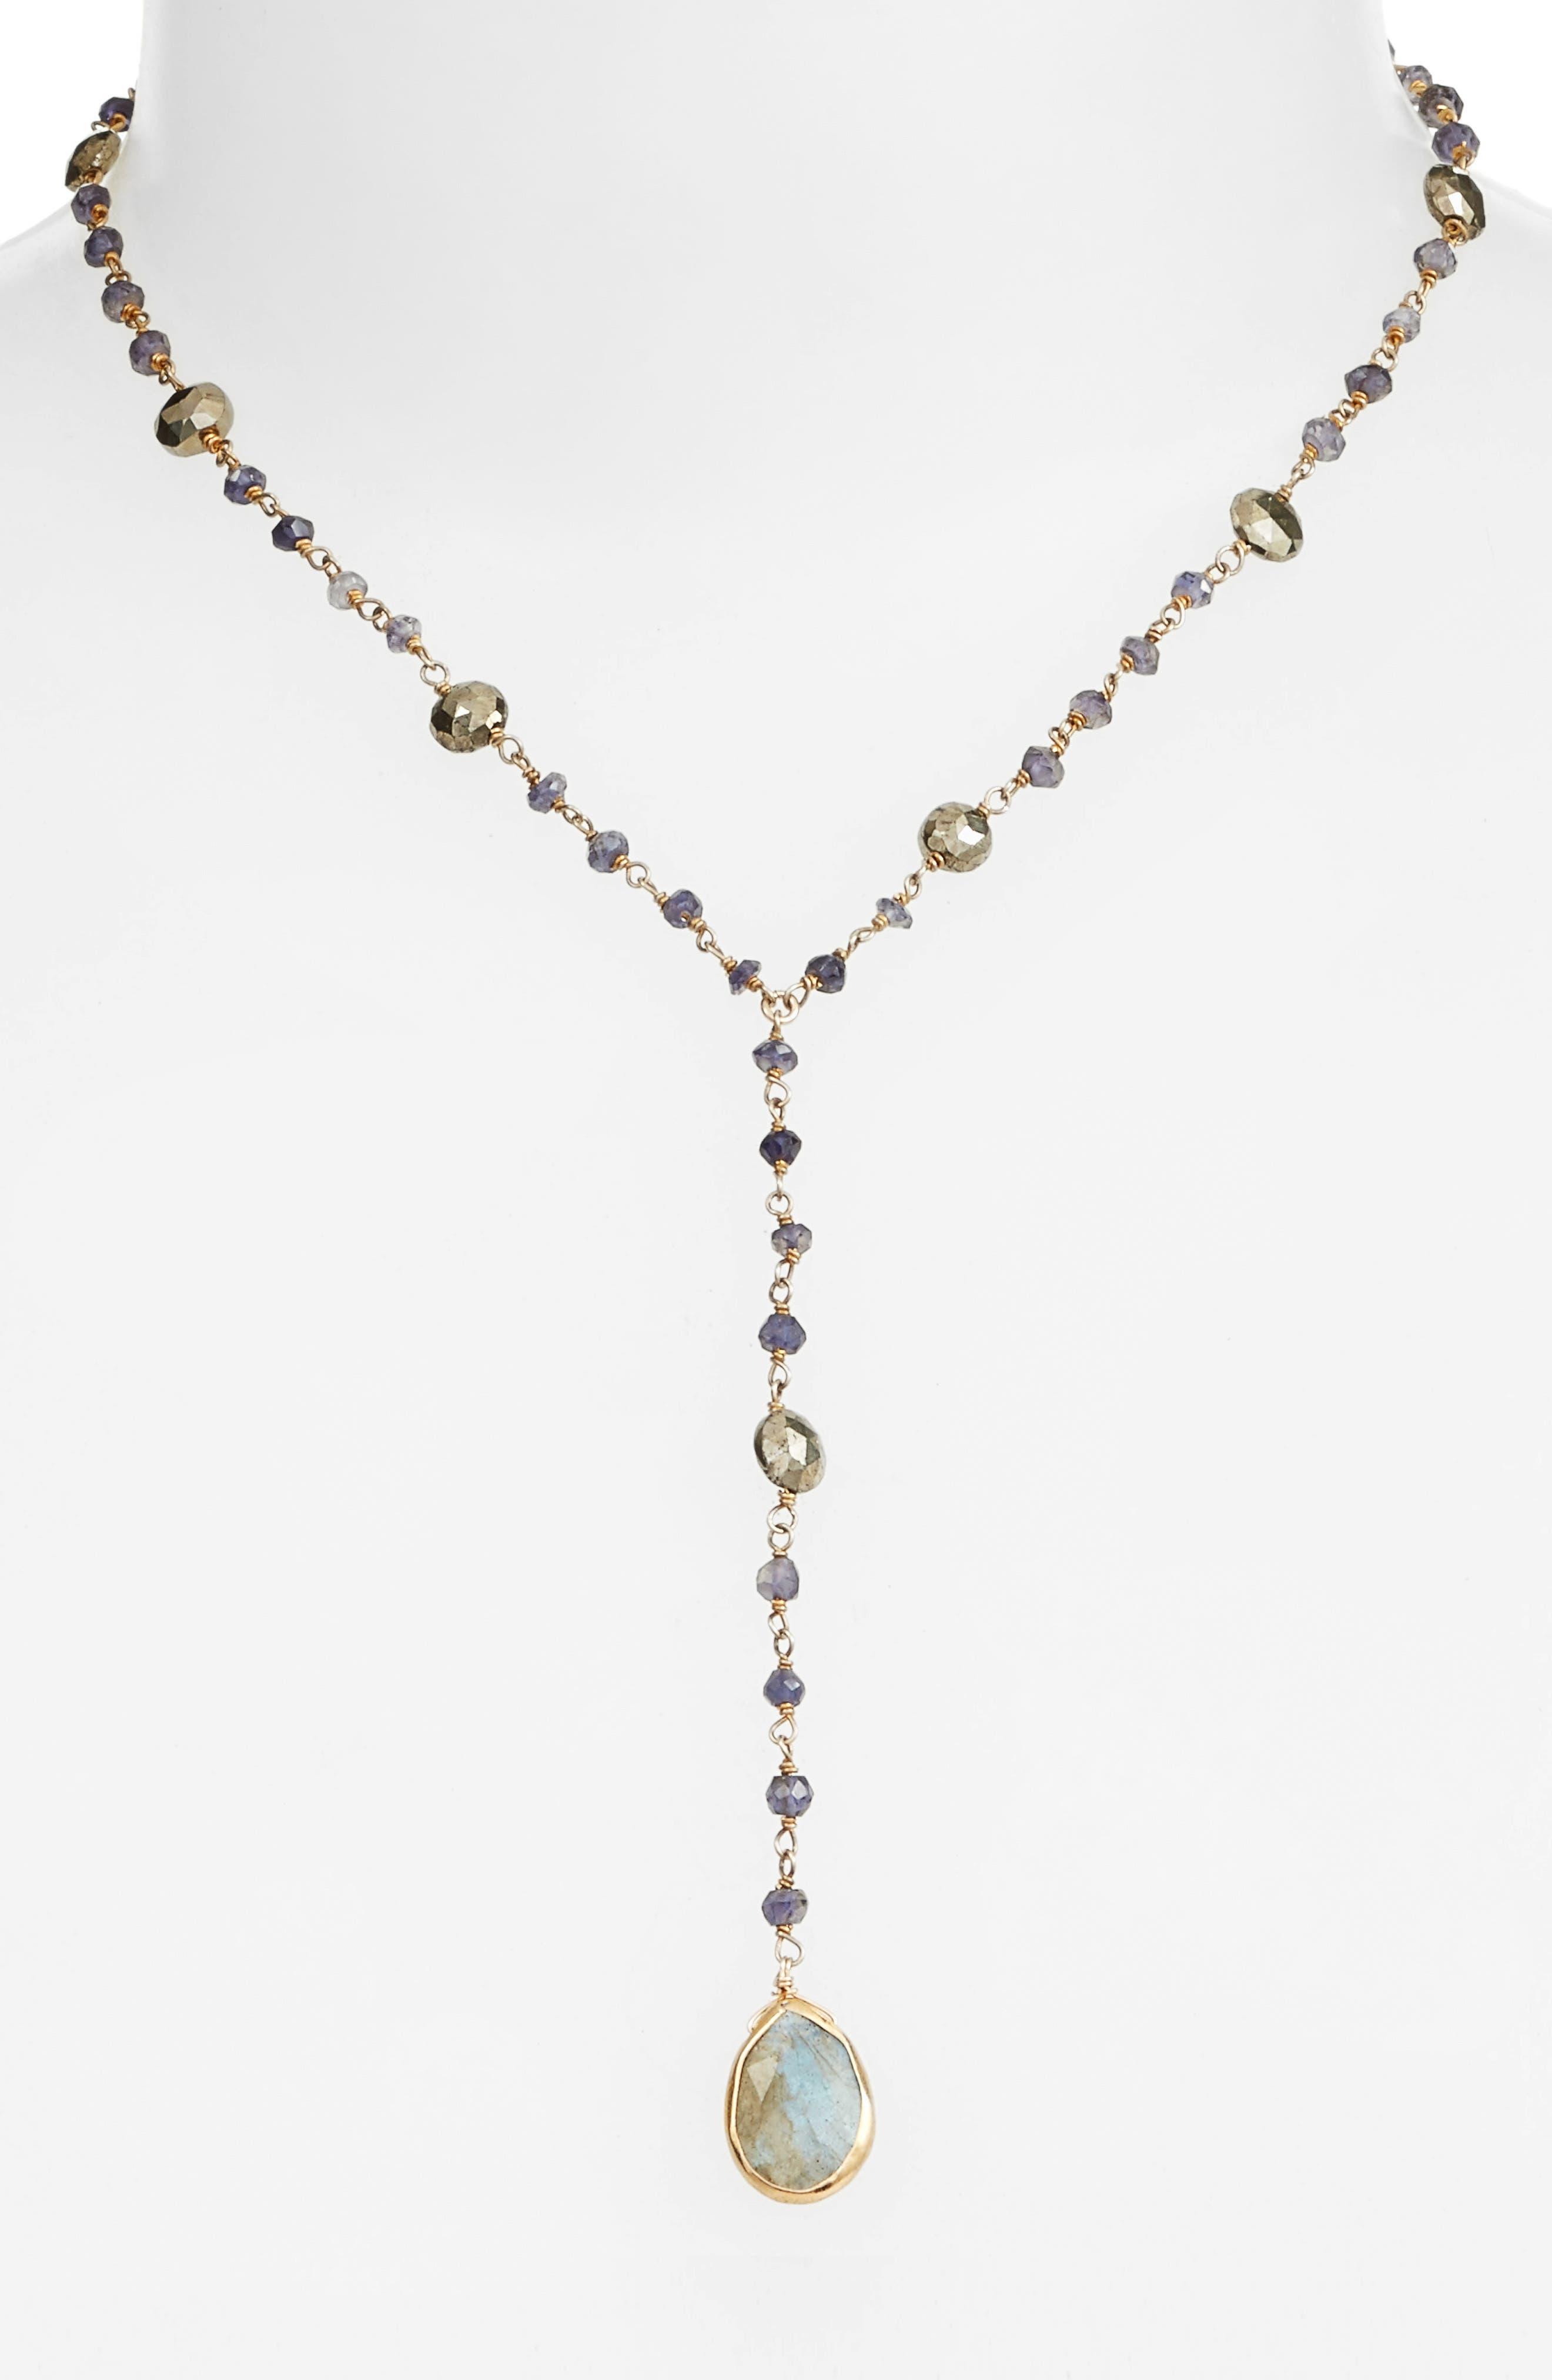 Yaeli Midi Satellite Semiprecious Stone Y-Necklace,                             Main thumbnail 1, color,                             Iolite / Pyrite